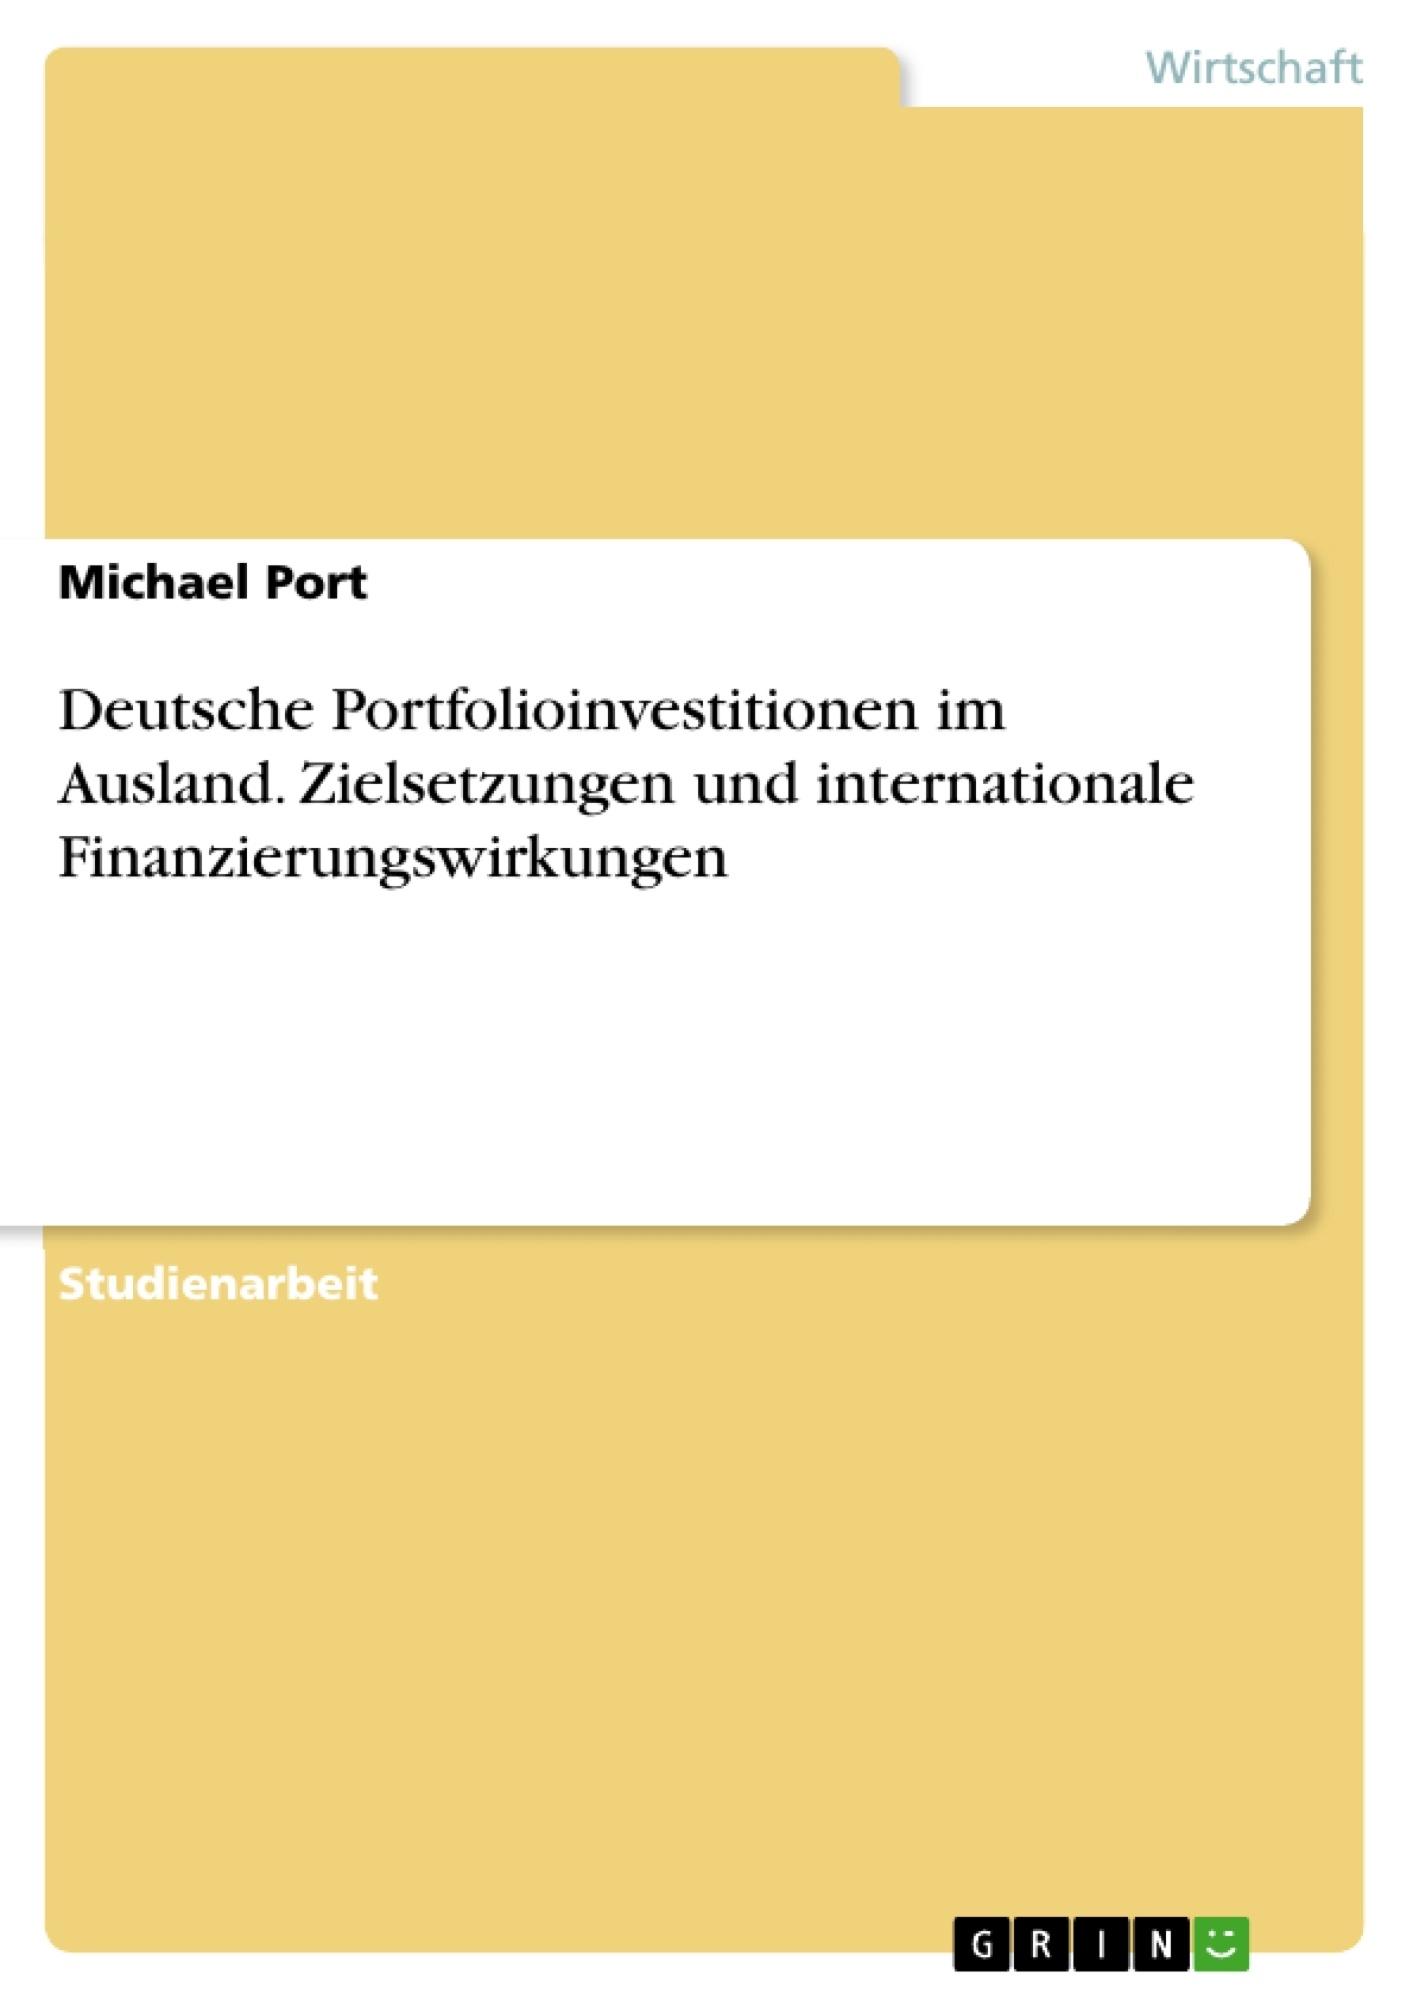 Titel: Deutsche Portfolioinvestitionen im Ausland. Zielsetzungen und internationale Finanzierungswirkungen